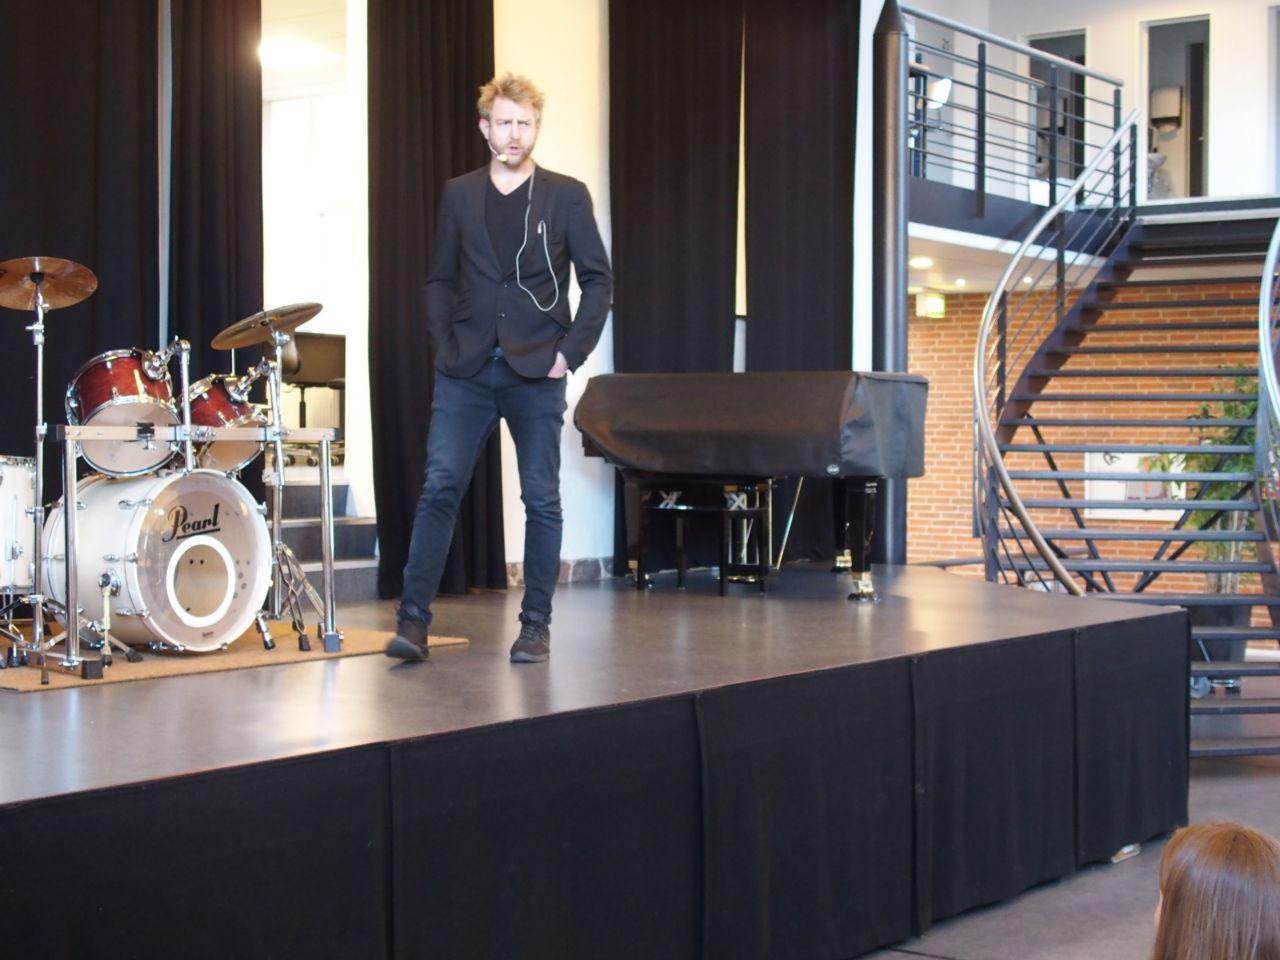 Christian Sønderby Jensen på scenen